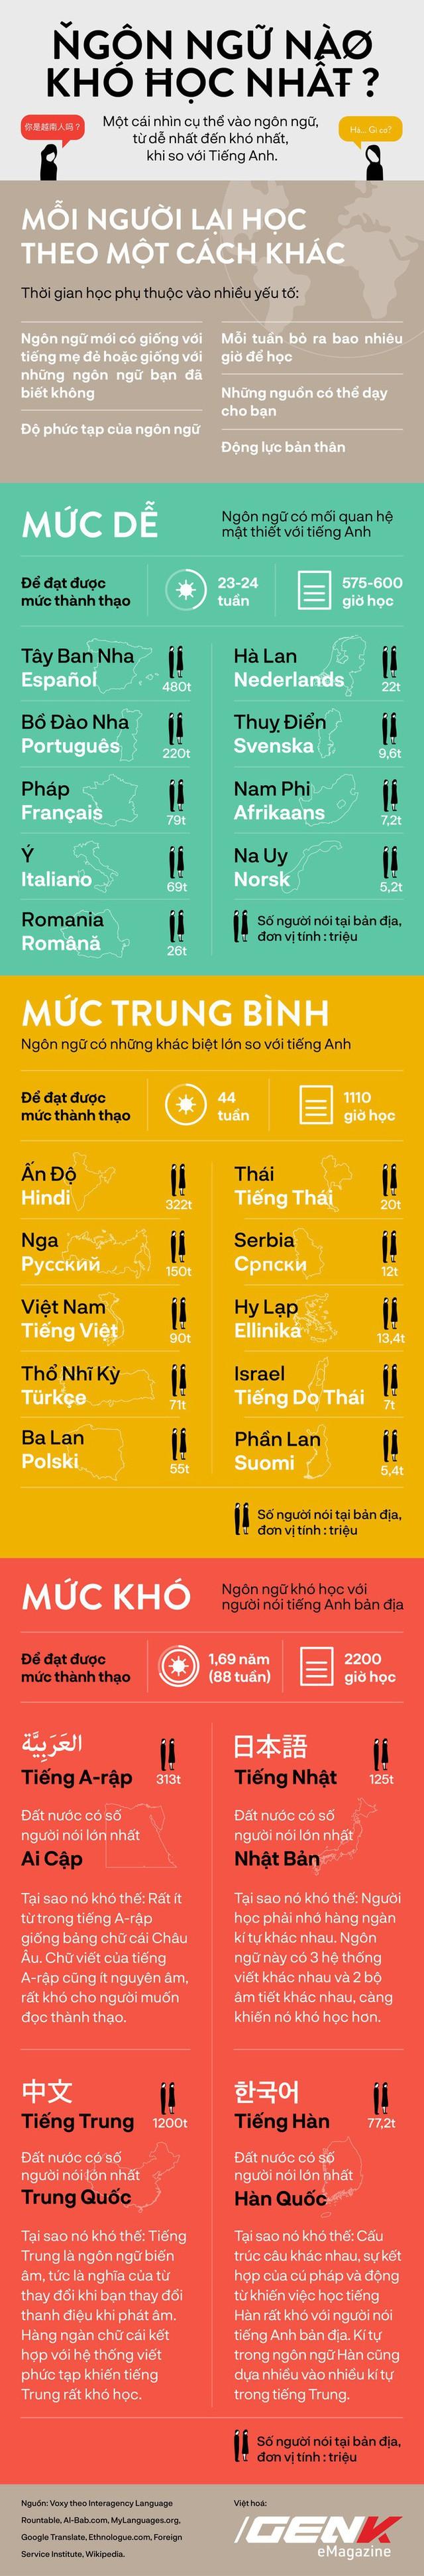 [Infographic] Những ngôn ngữ khó học nhất thế giới, xem để biết tiếng Việt đứng ở vị trí nào - Ảnh 1.